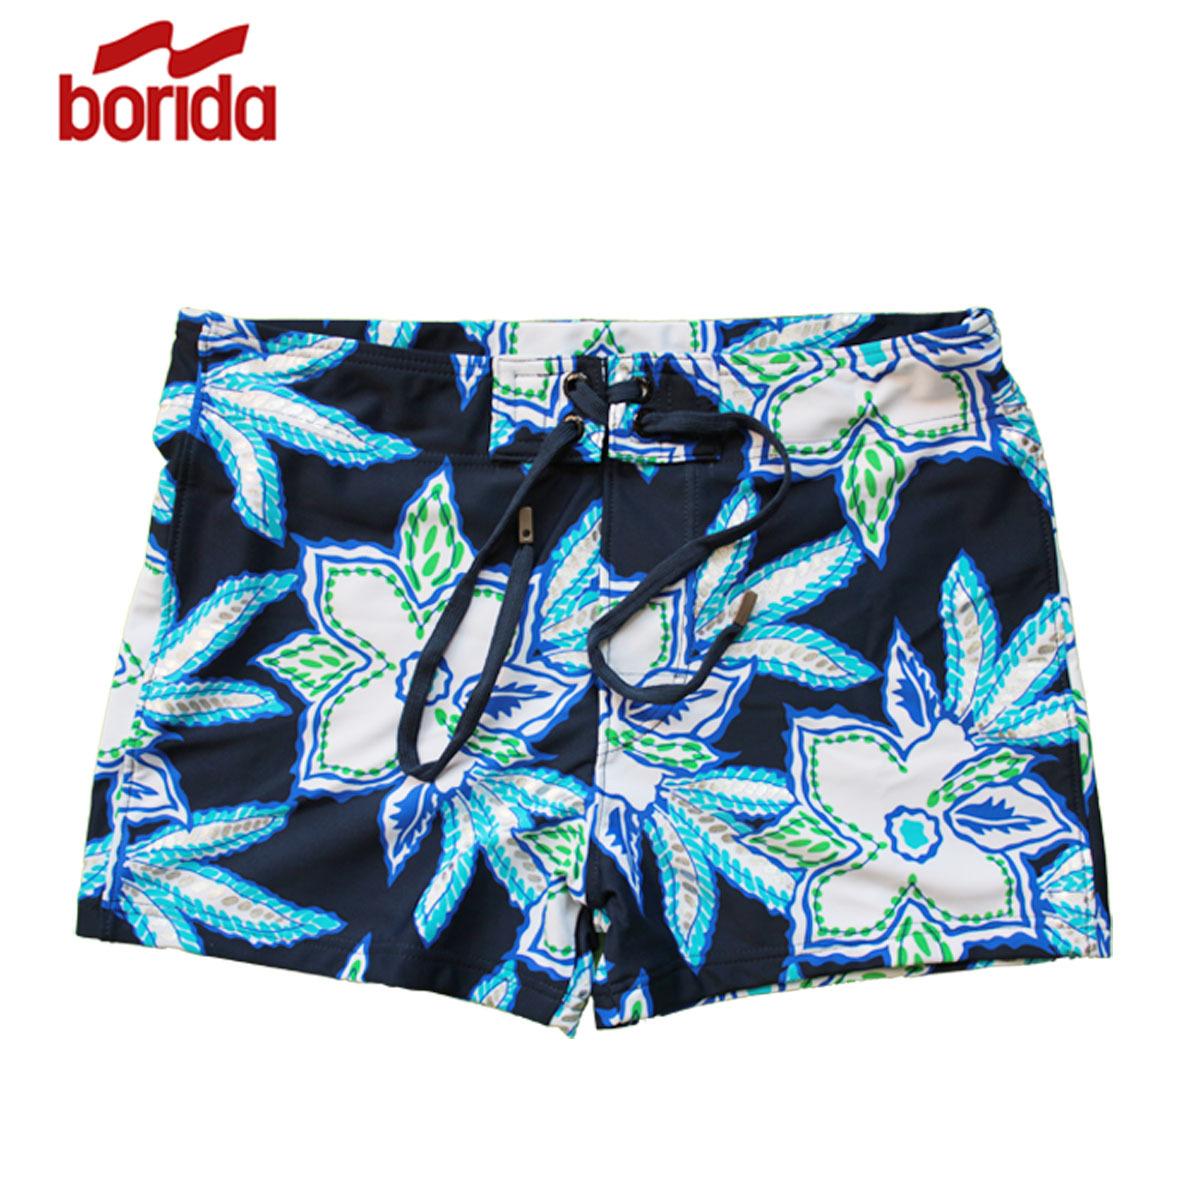 Мужские купальные плавки Borida 1118462